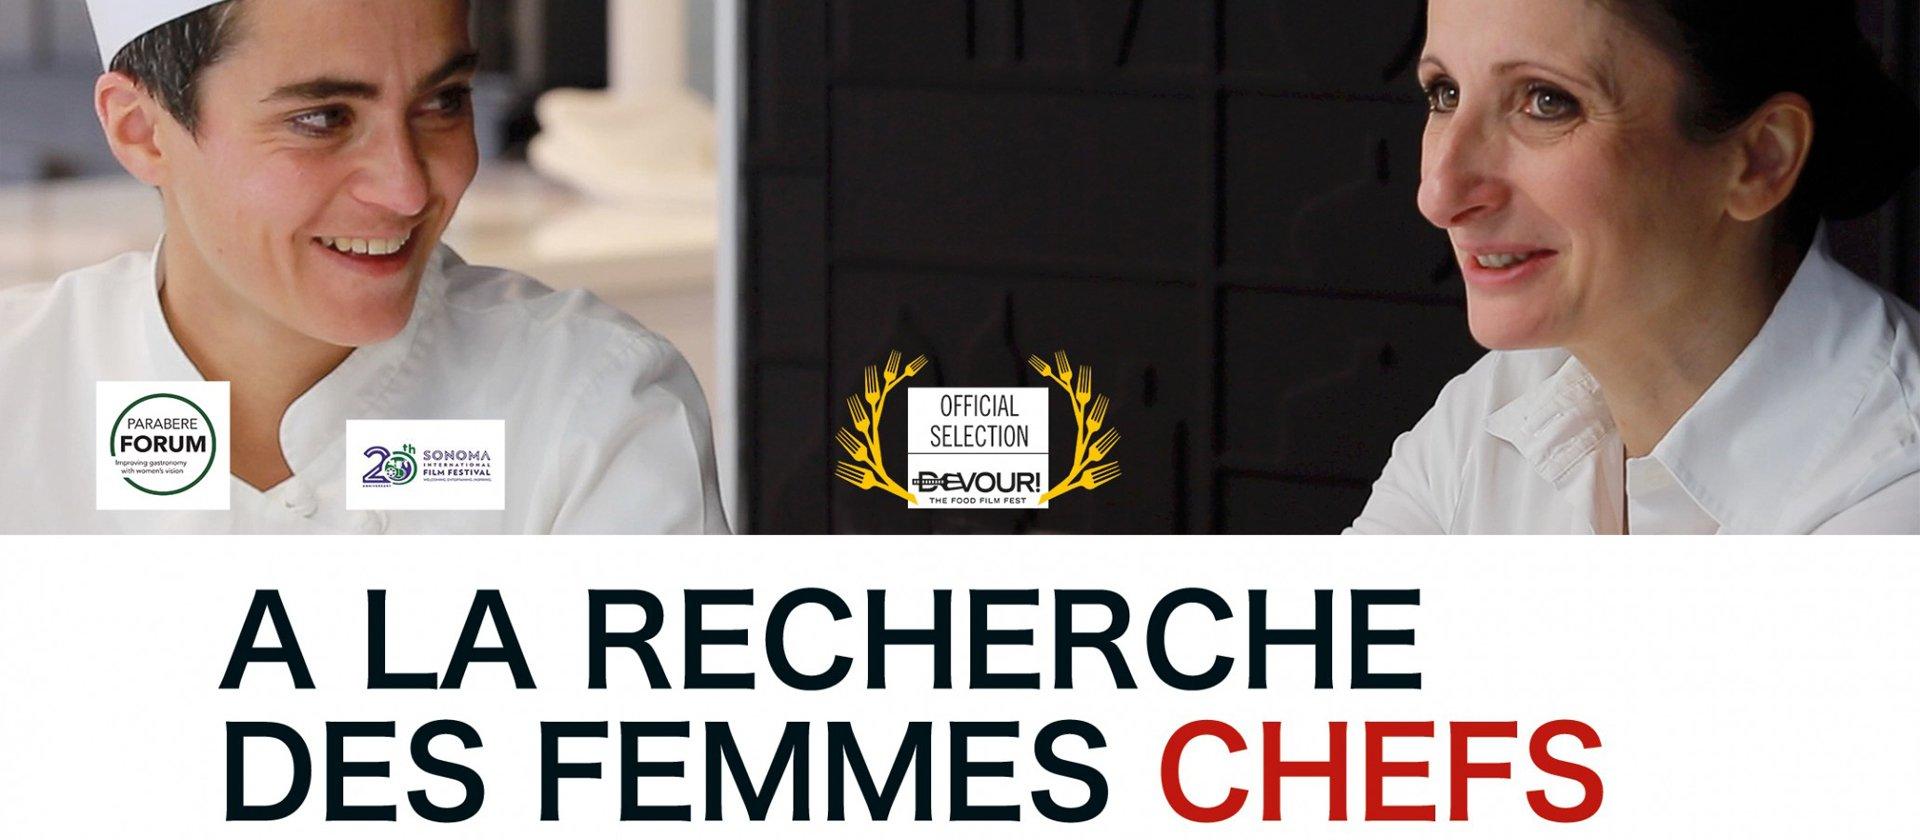 Film - A la recherche des femmes chefs